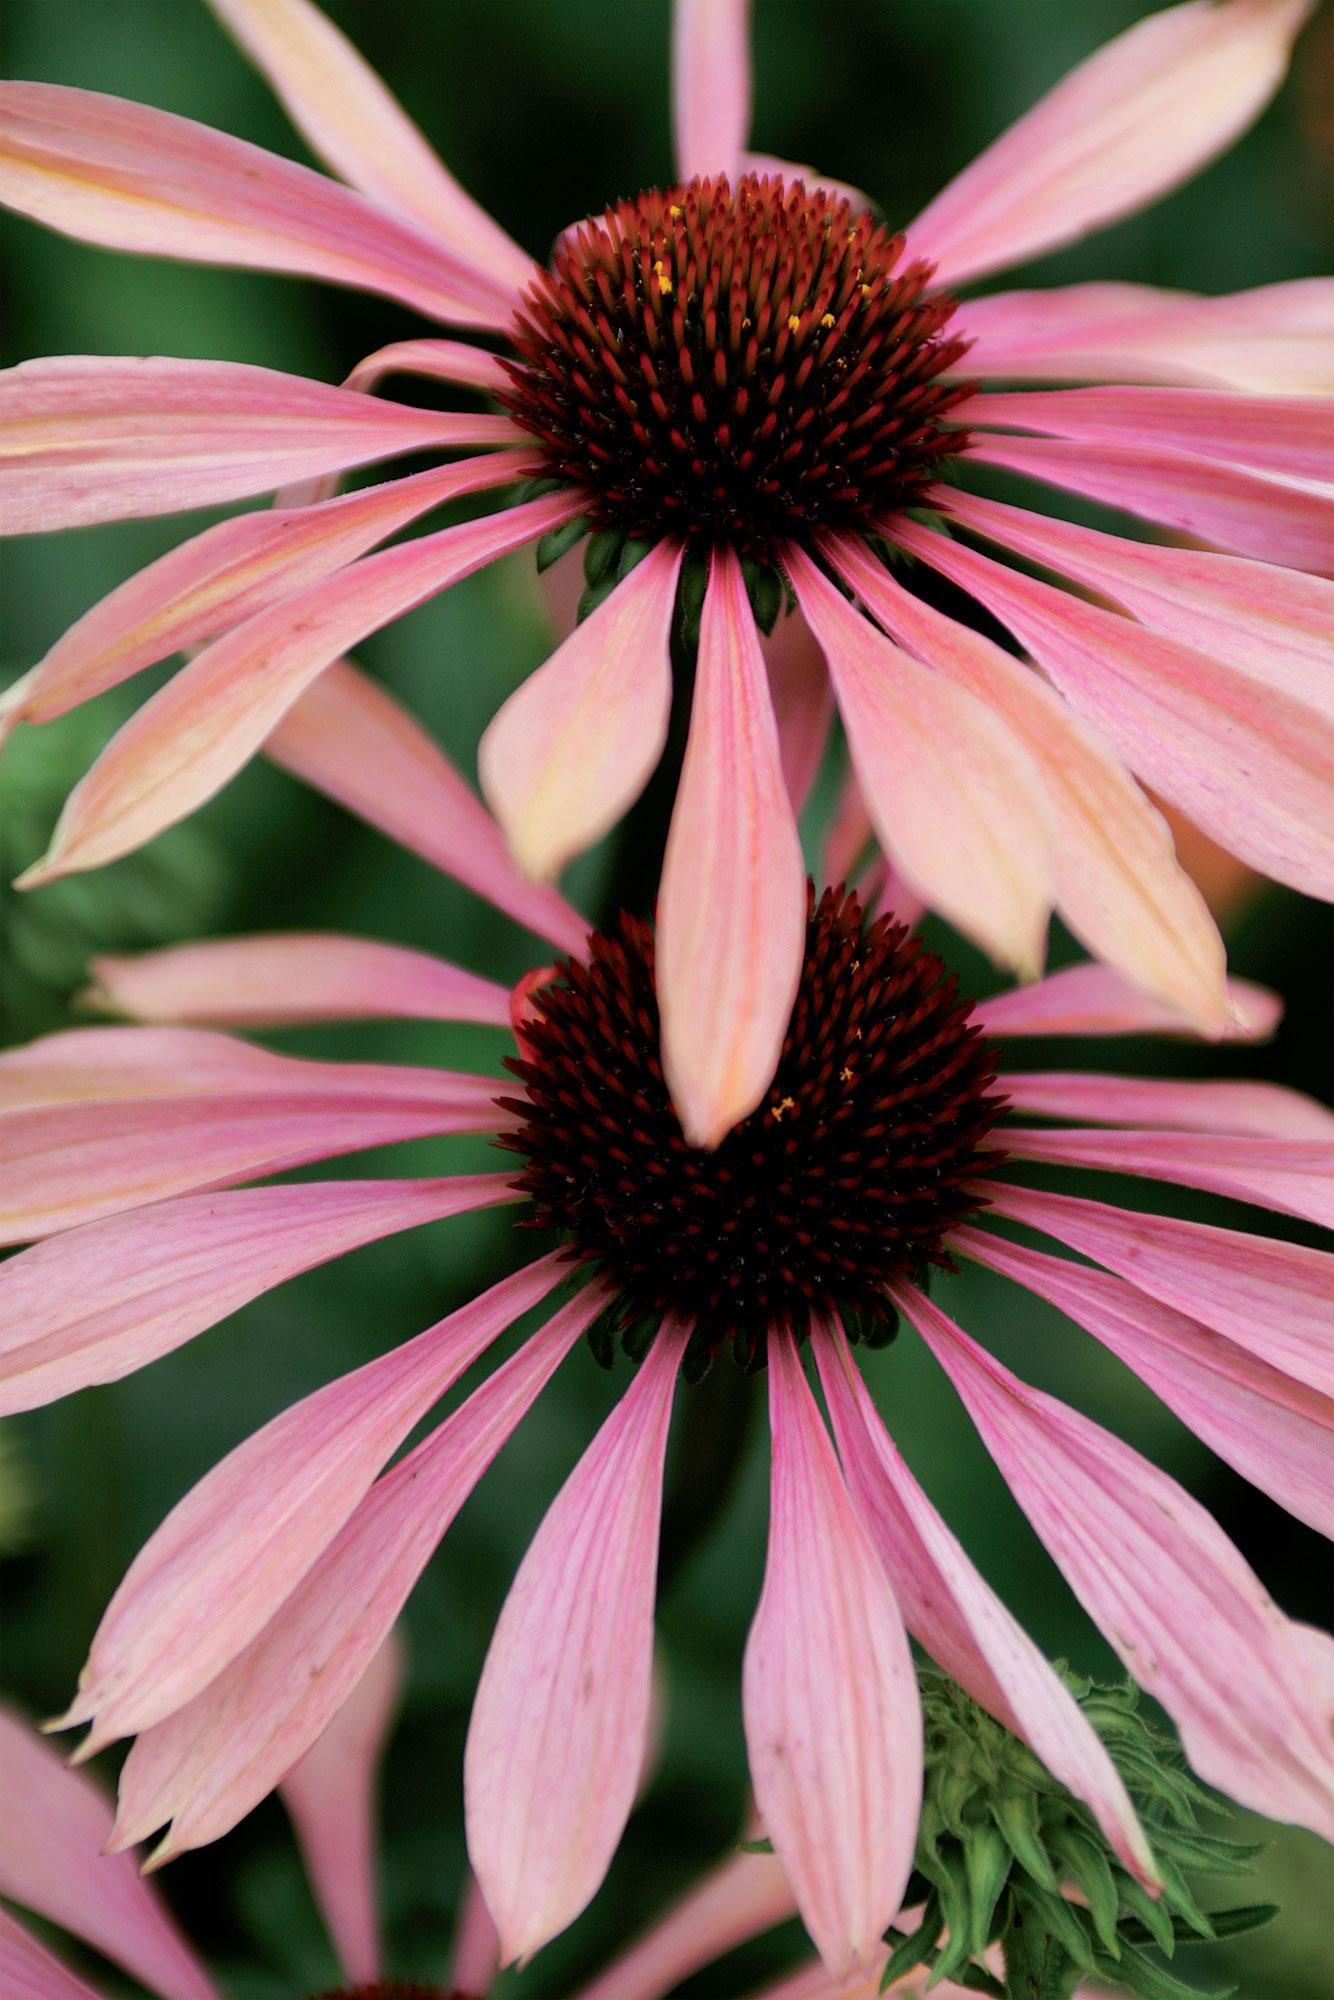 'Summer Sky'. Persikan- ja ruusunpunainen kaksivärinen lajike, joka säilyttää värinsä pitkään.